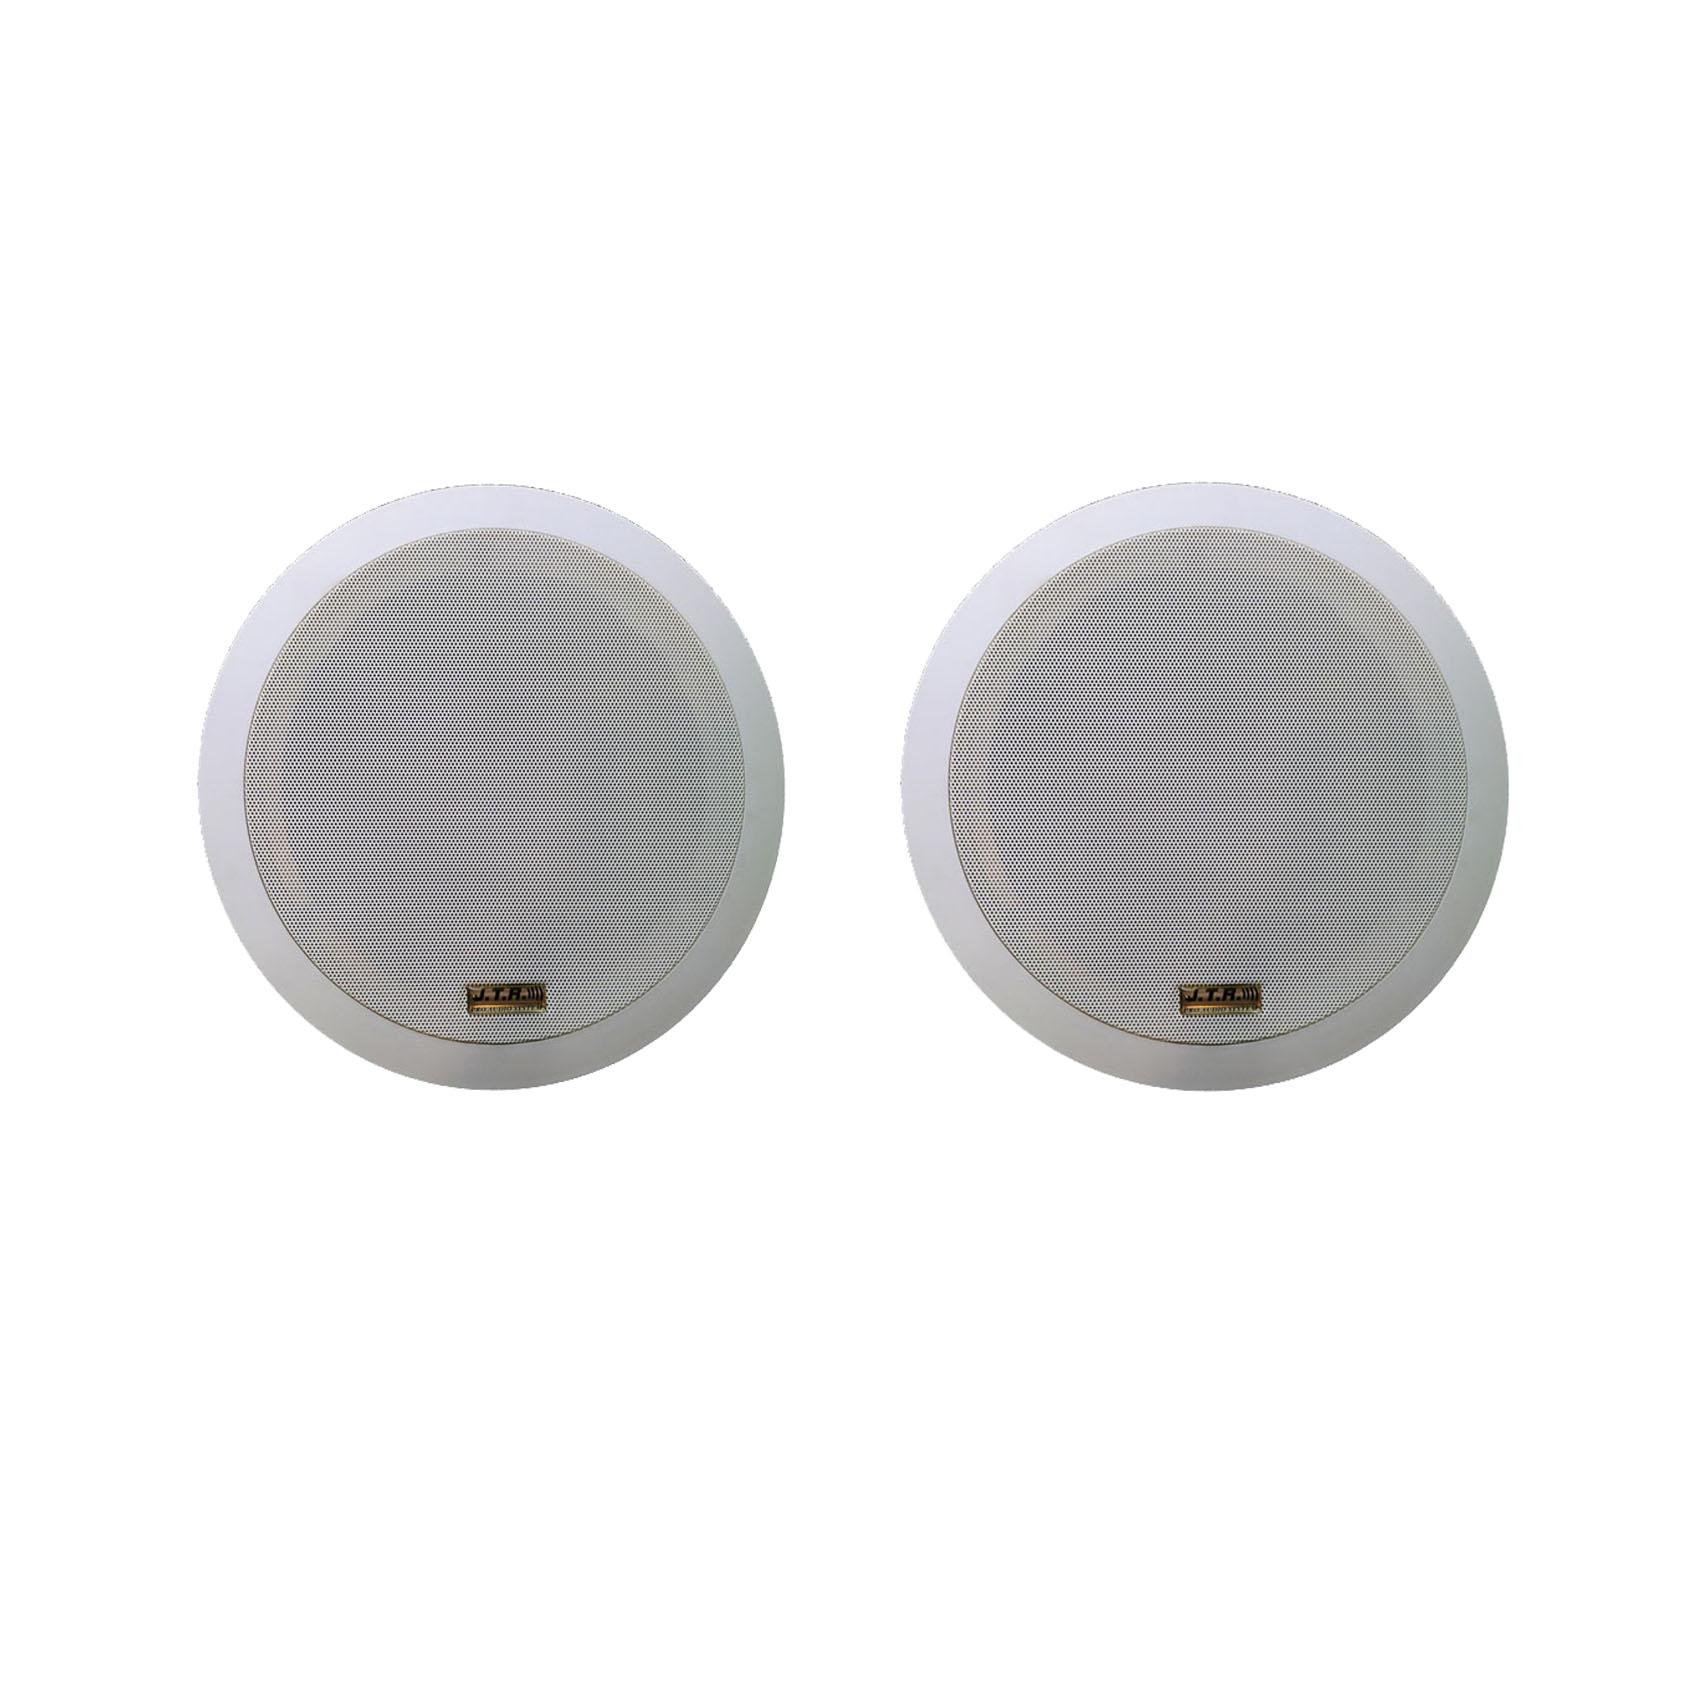 فروش نقدی و اقساطی اسپیکر سقفی بلوتوثی جی.تی.آر مدل JM610 بسته دو عددی